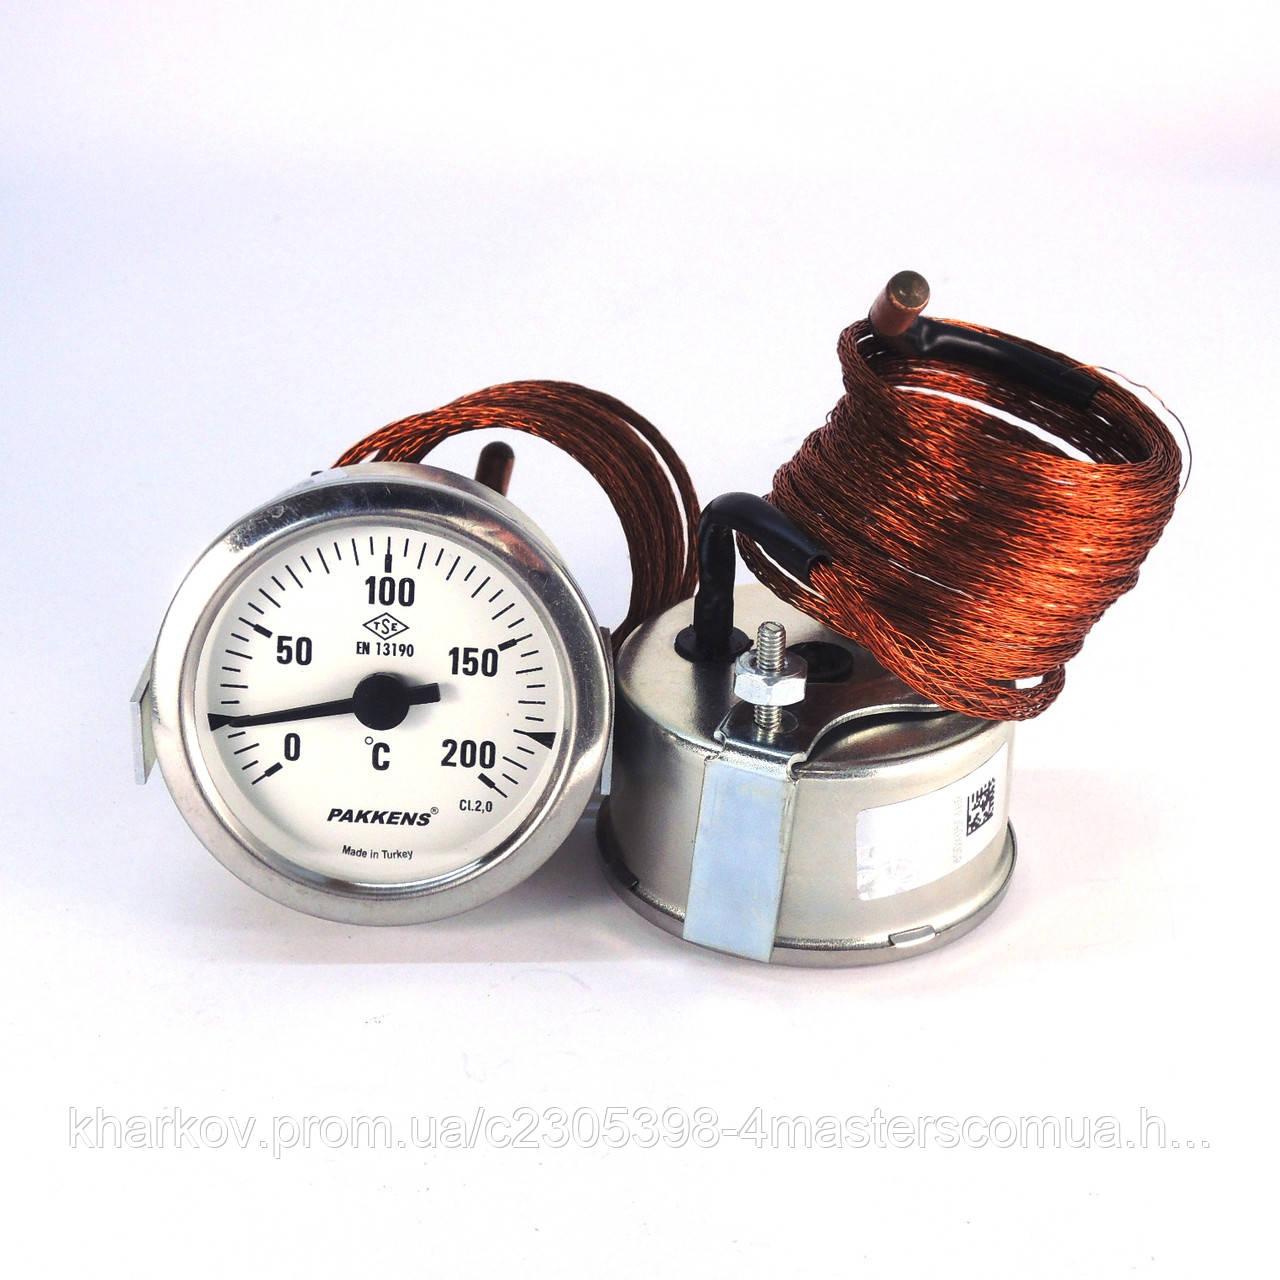 Термометр 0 200°С с выносным датчиком 2 м Ø60, Pakkens Турция